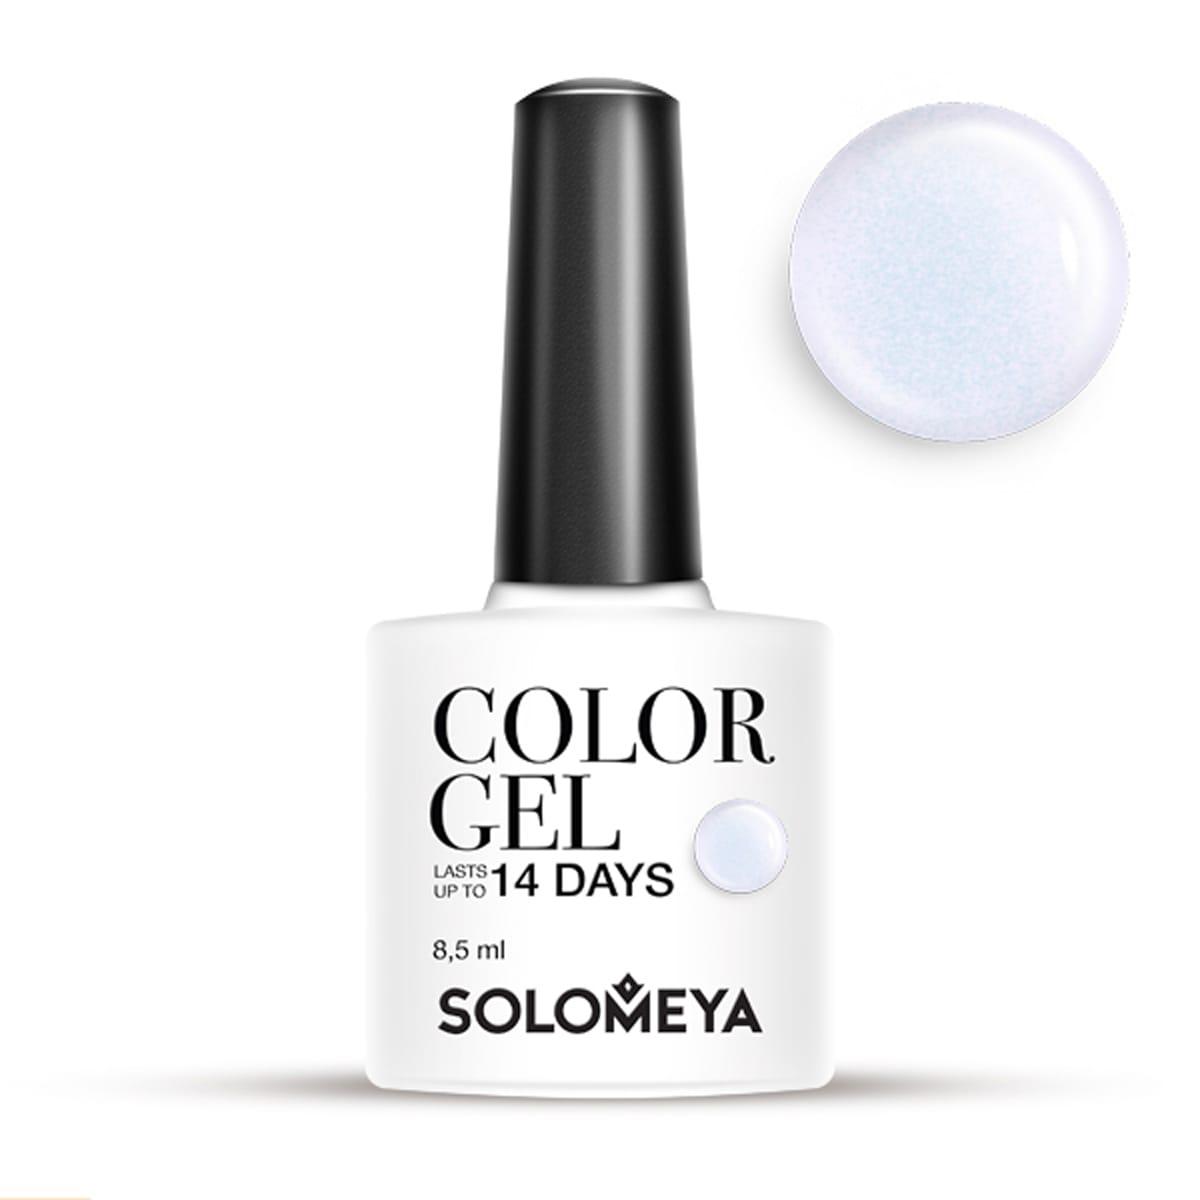 SOLOMEYA Гель-лак Solomeya Color Gel Lilac SCG122/Нежно-лиловый 8,5 млГель-лаки<br>Гель-лак Color Gel Solomeya подарит маникюру яркость, палитру из 100 оттенков и стойкость до 21 дня. Благодаря оптимальной консистенции он легко и равномерно наносится, не оставляя пузырьков и проплешин. В состав гель-лака входят качественные красители, обеспечивающие высокую пигментированность каждого оттенка. Не содержит толуол, растворители и отвердители. Способ применения: поверх базового геля нанесите 1 тонкий слой средства, запечатывая торцы ногтей, и просушите в UV-лампе (36 Вт) 1 минуту или в LED-лампе - 30 секунд. Затем нанесите второй слой цветного гель-лака, также запечатывая торцы ногтей, и просушите в UV-лампе (36 Вт) 1 минуту или в LED-лампе - 30 секунд.<br><br>Цвет: Белые<br>Виды лака: С блестками